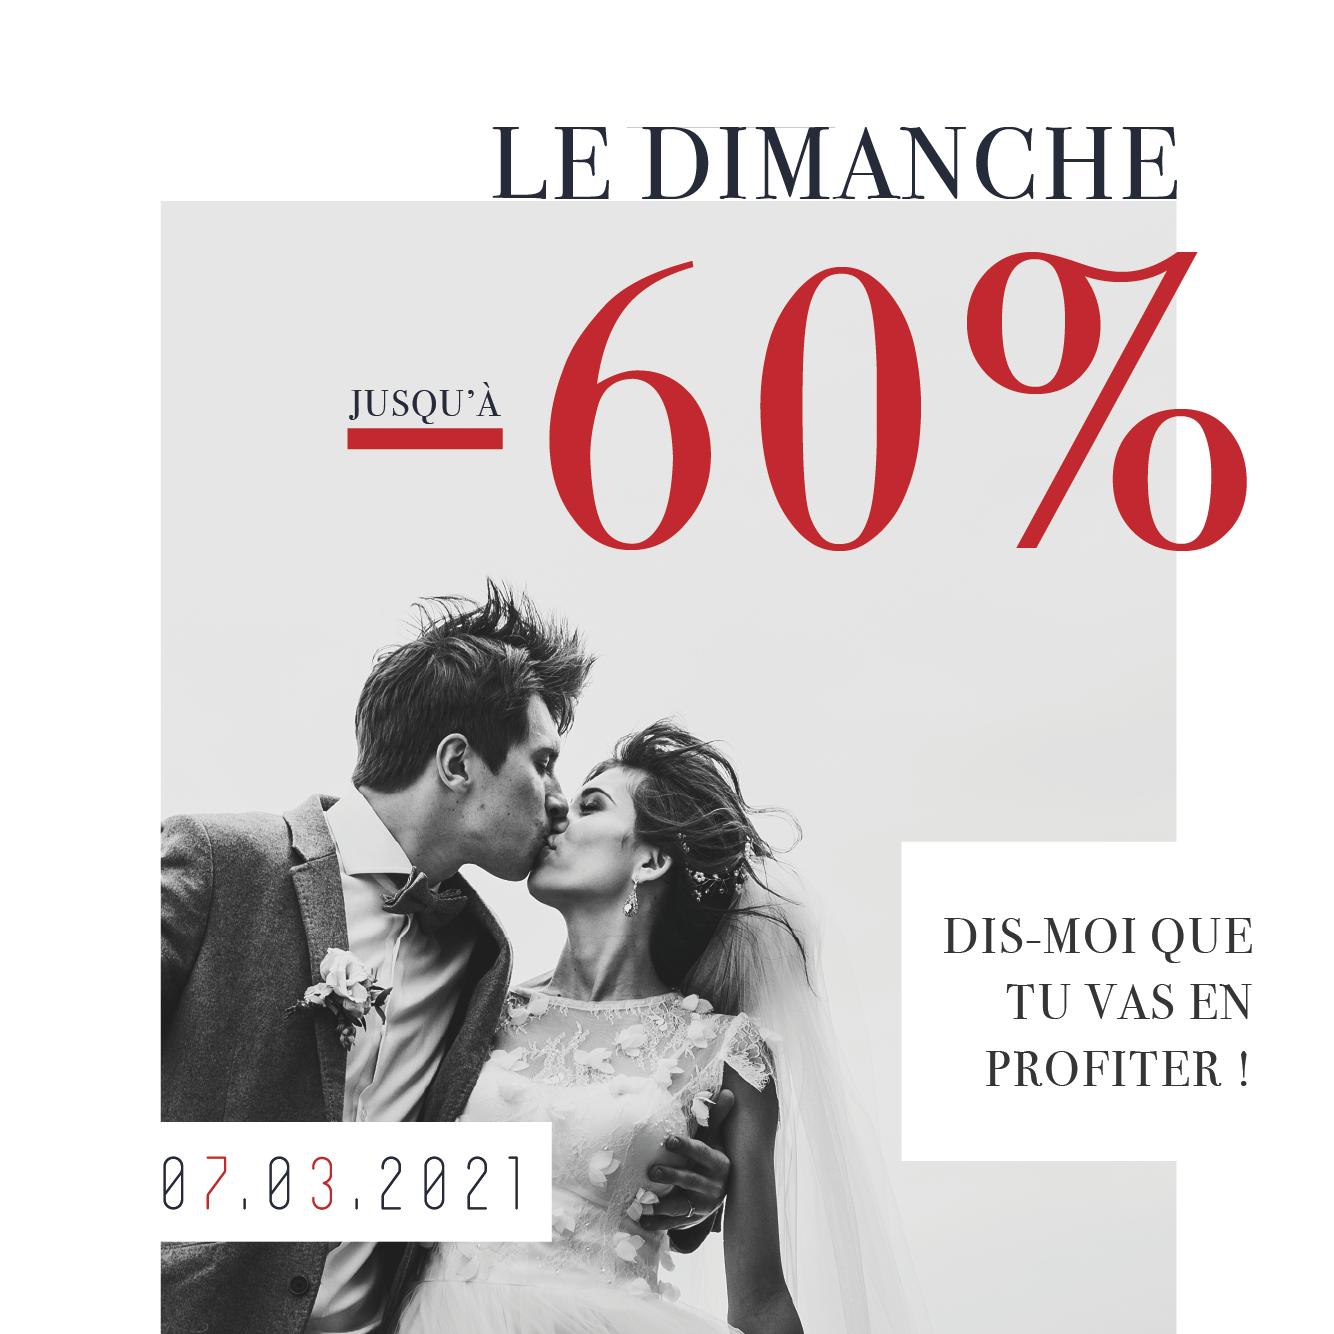 DMO_Dimanche60_Promo2021_PostFB